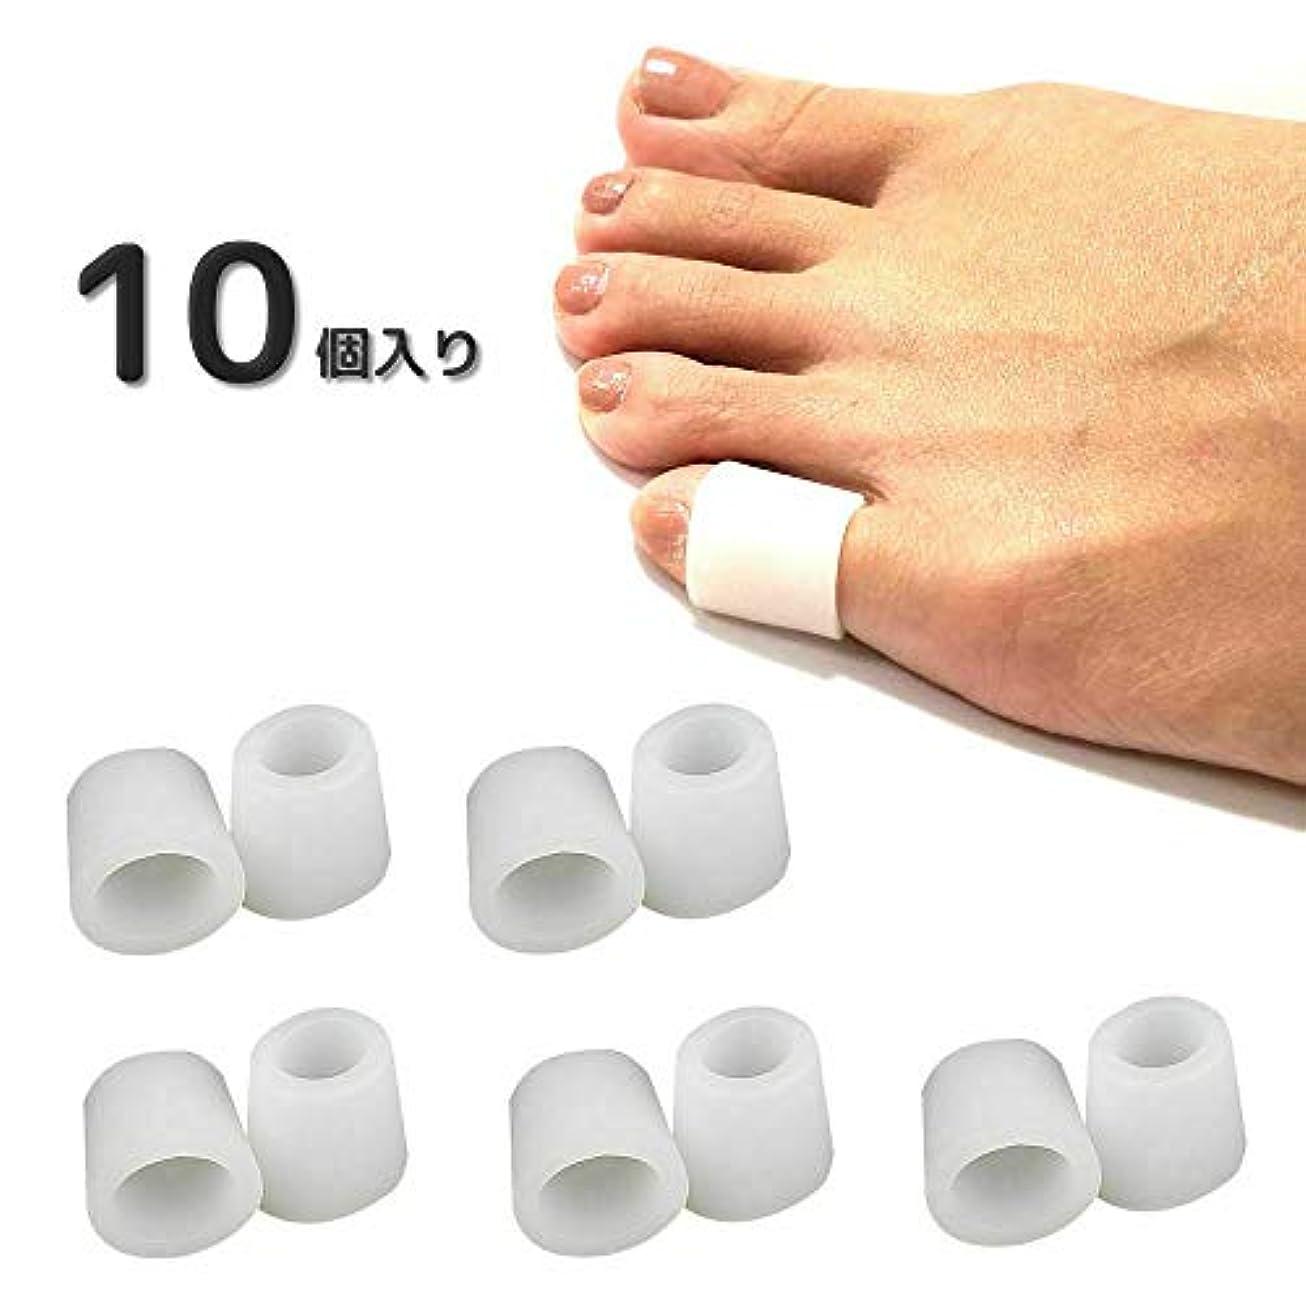 マニア引き出す教義Lumiele 指や爪の保護キャップ 足爪 足指 柔らかシリコン サポーター 小指 指サック 5セット 10個入り